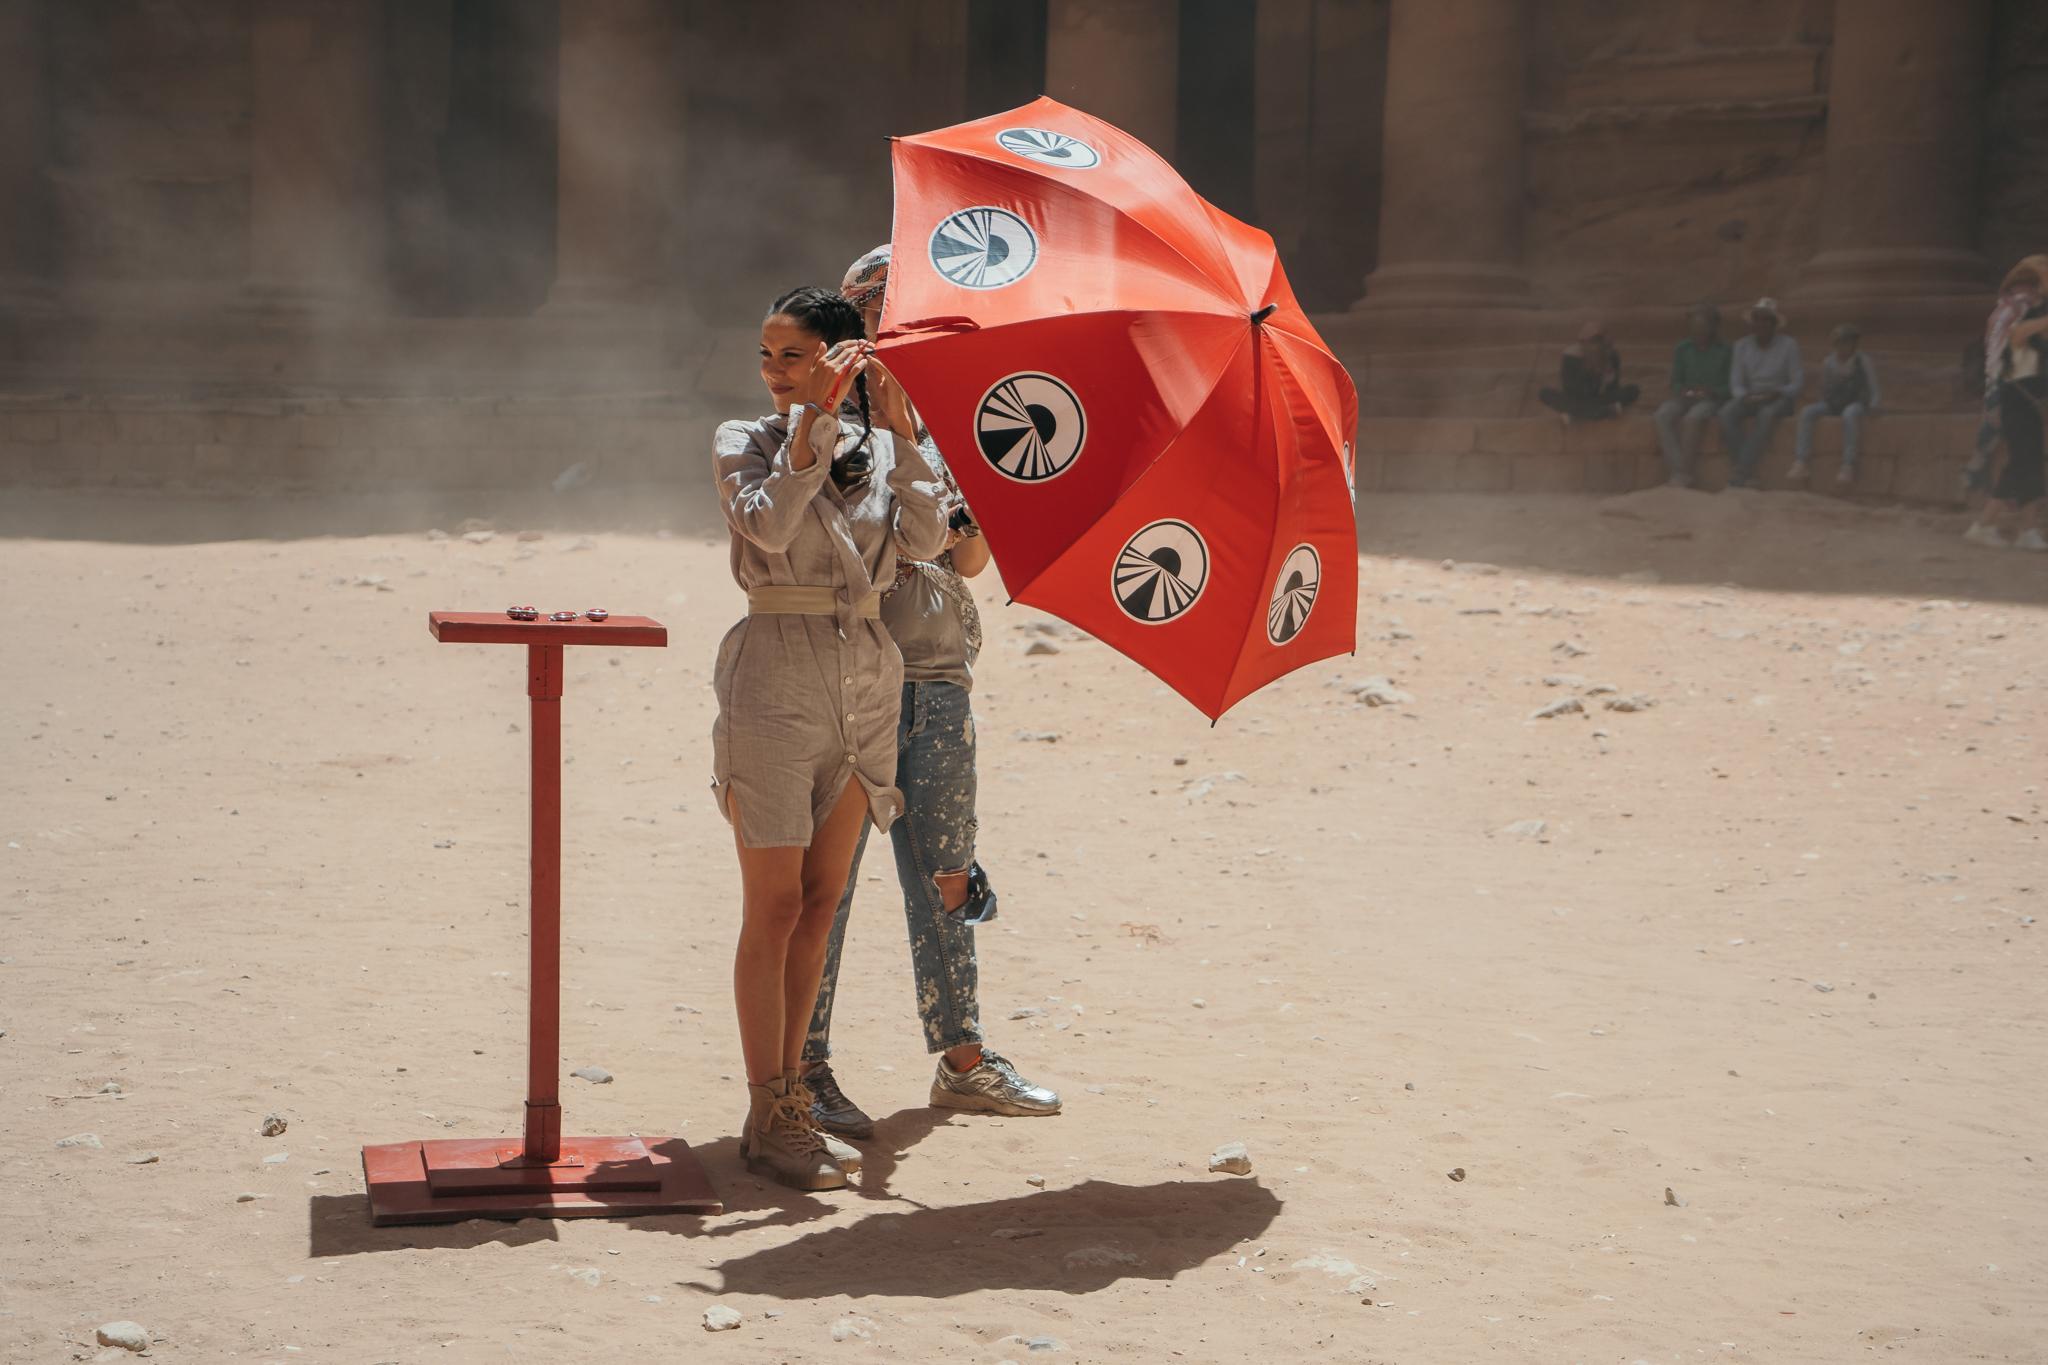 Fotoreportaj Asia Express, episodul 21. Membrii echipei de filmare au avut parte de peripeții în Deșert. Ce i-a pus în încurcătură